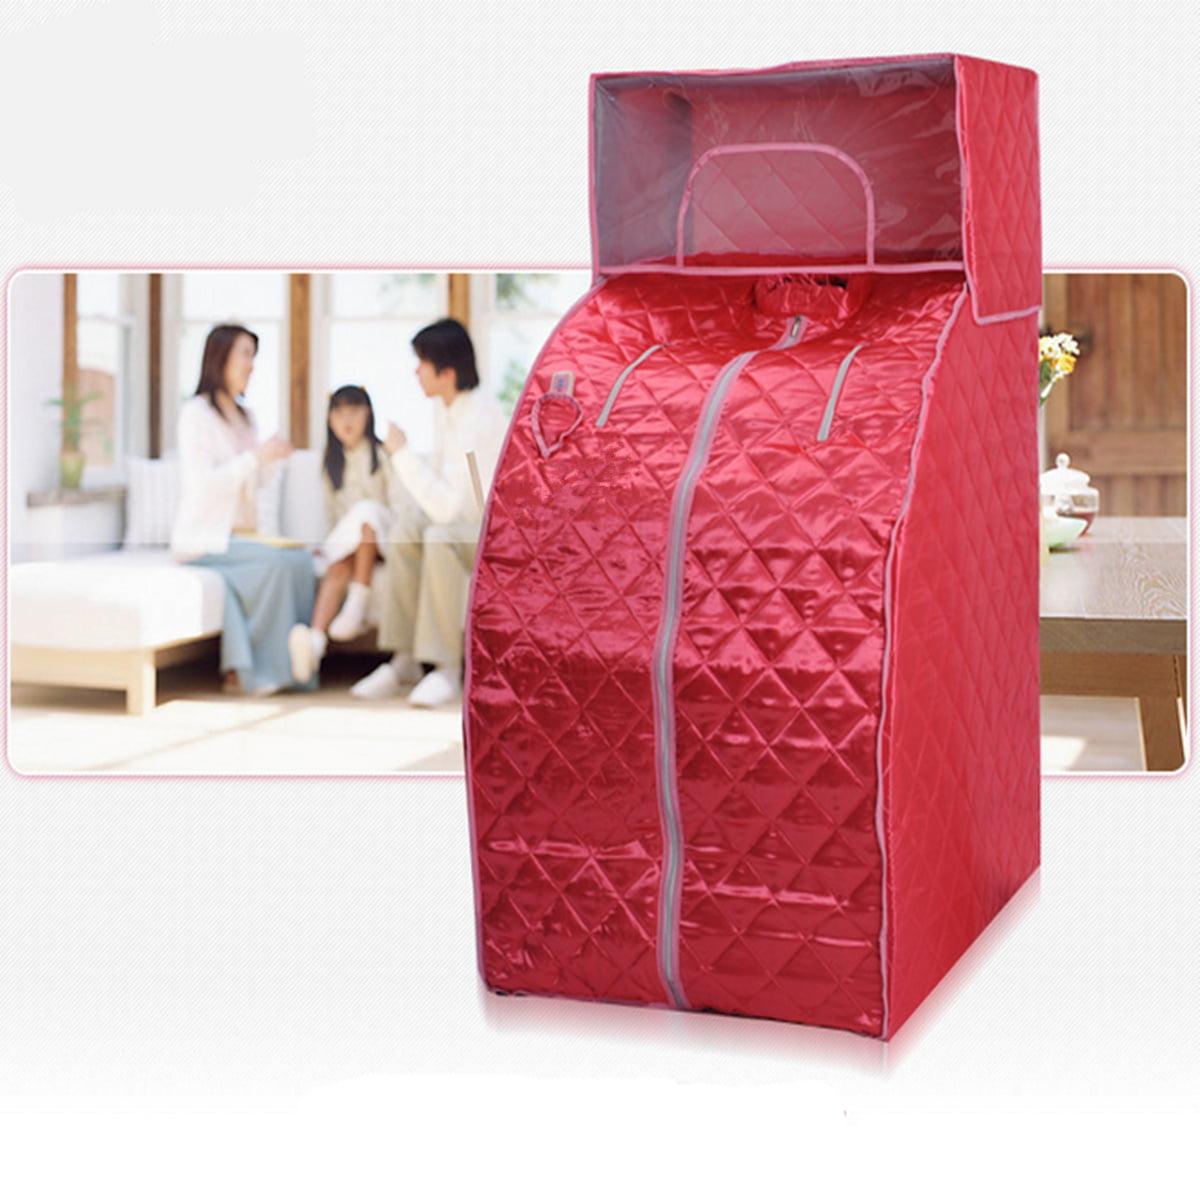 2L Portable Sauna Machine Steam Sauna Full Body 1 Steam Pot+1 Steamed Cover+1 Remote... by